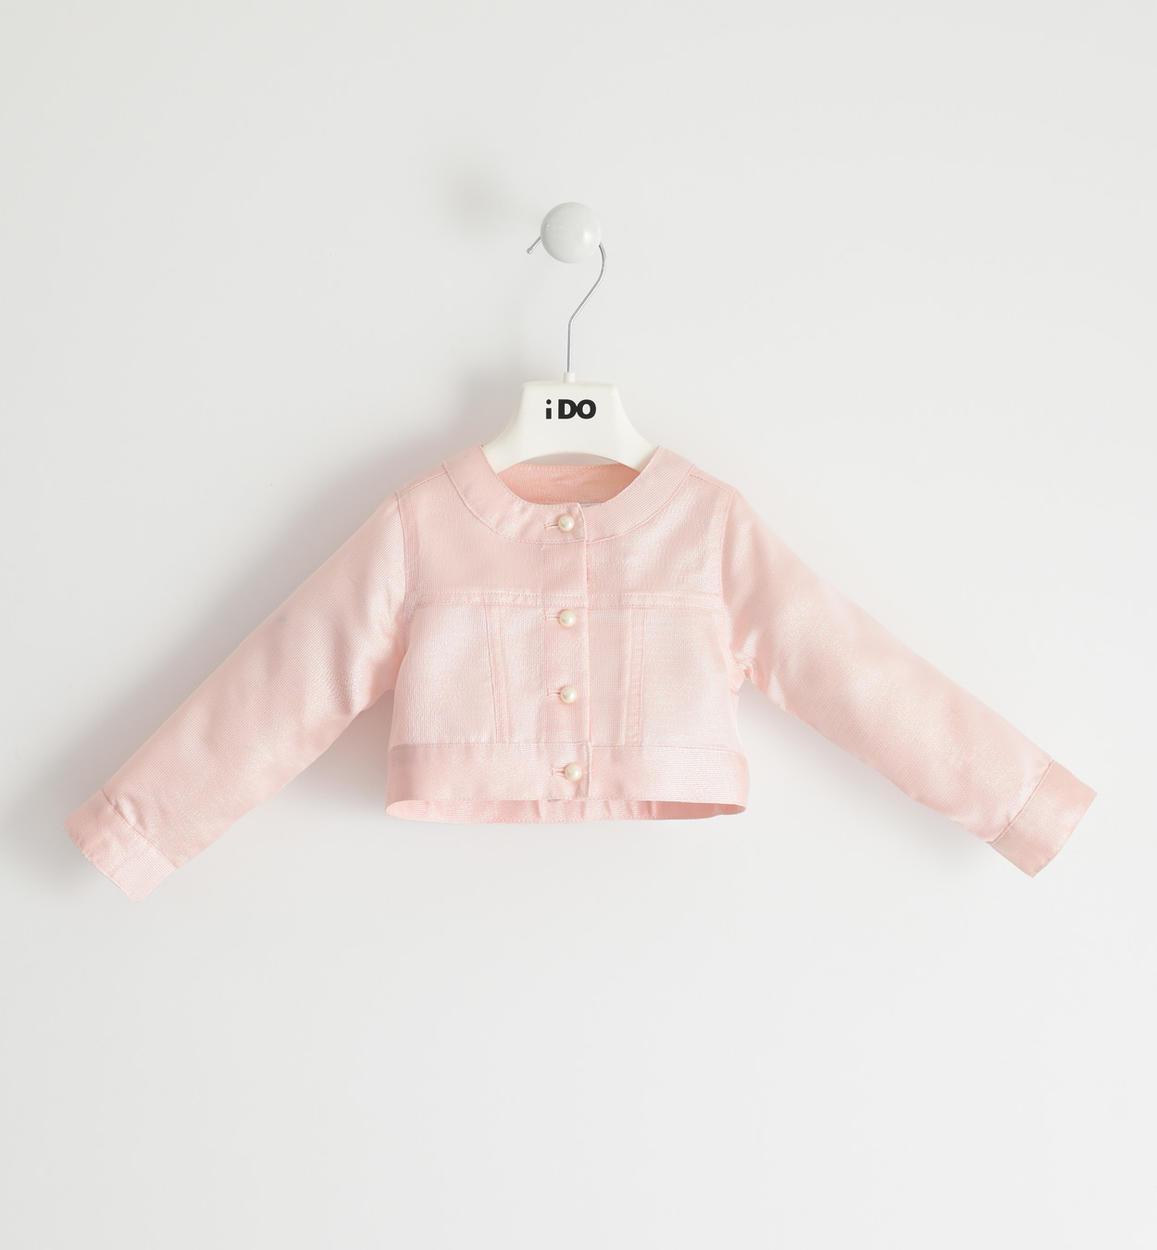 giacca lunghezza vita con fili lurex per rosa fronte 01 1804j35100 8343